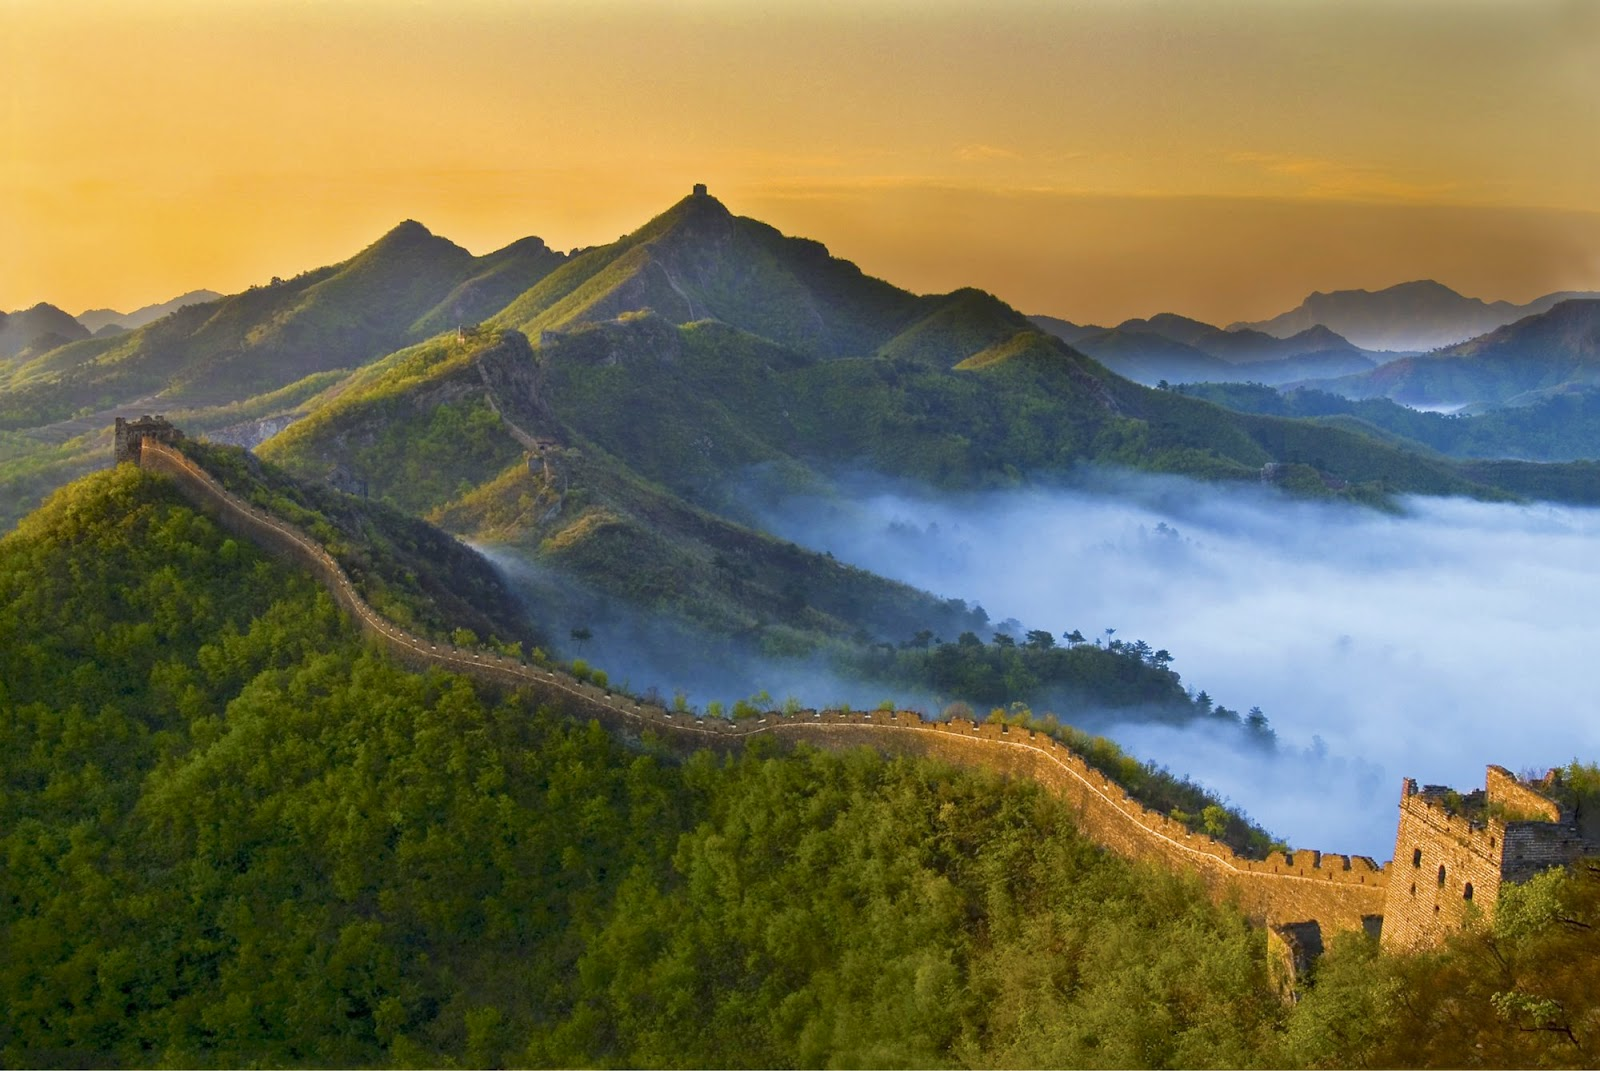 Legado historia la gran muralla china for Q es la muralla china